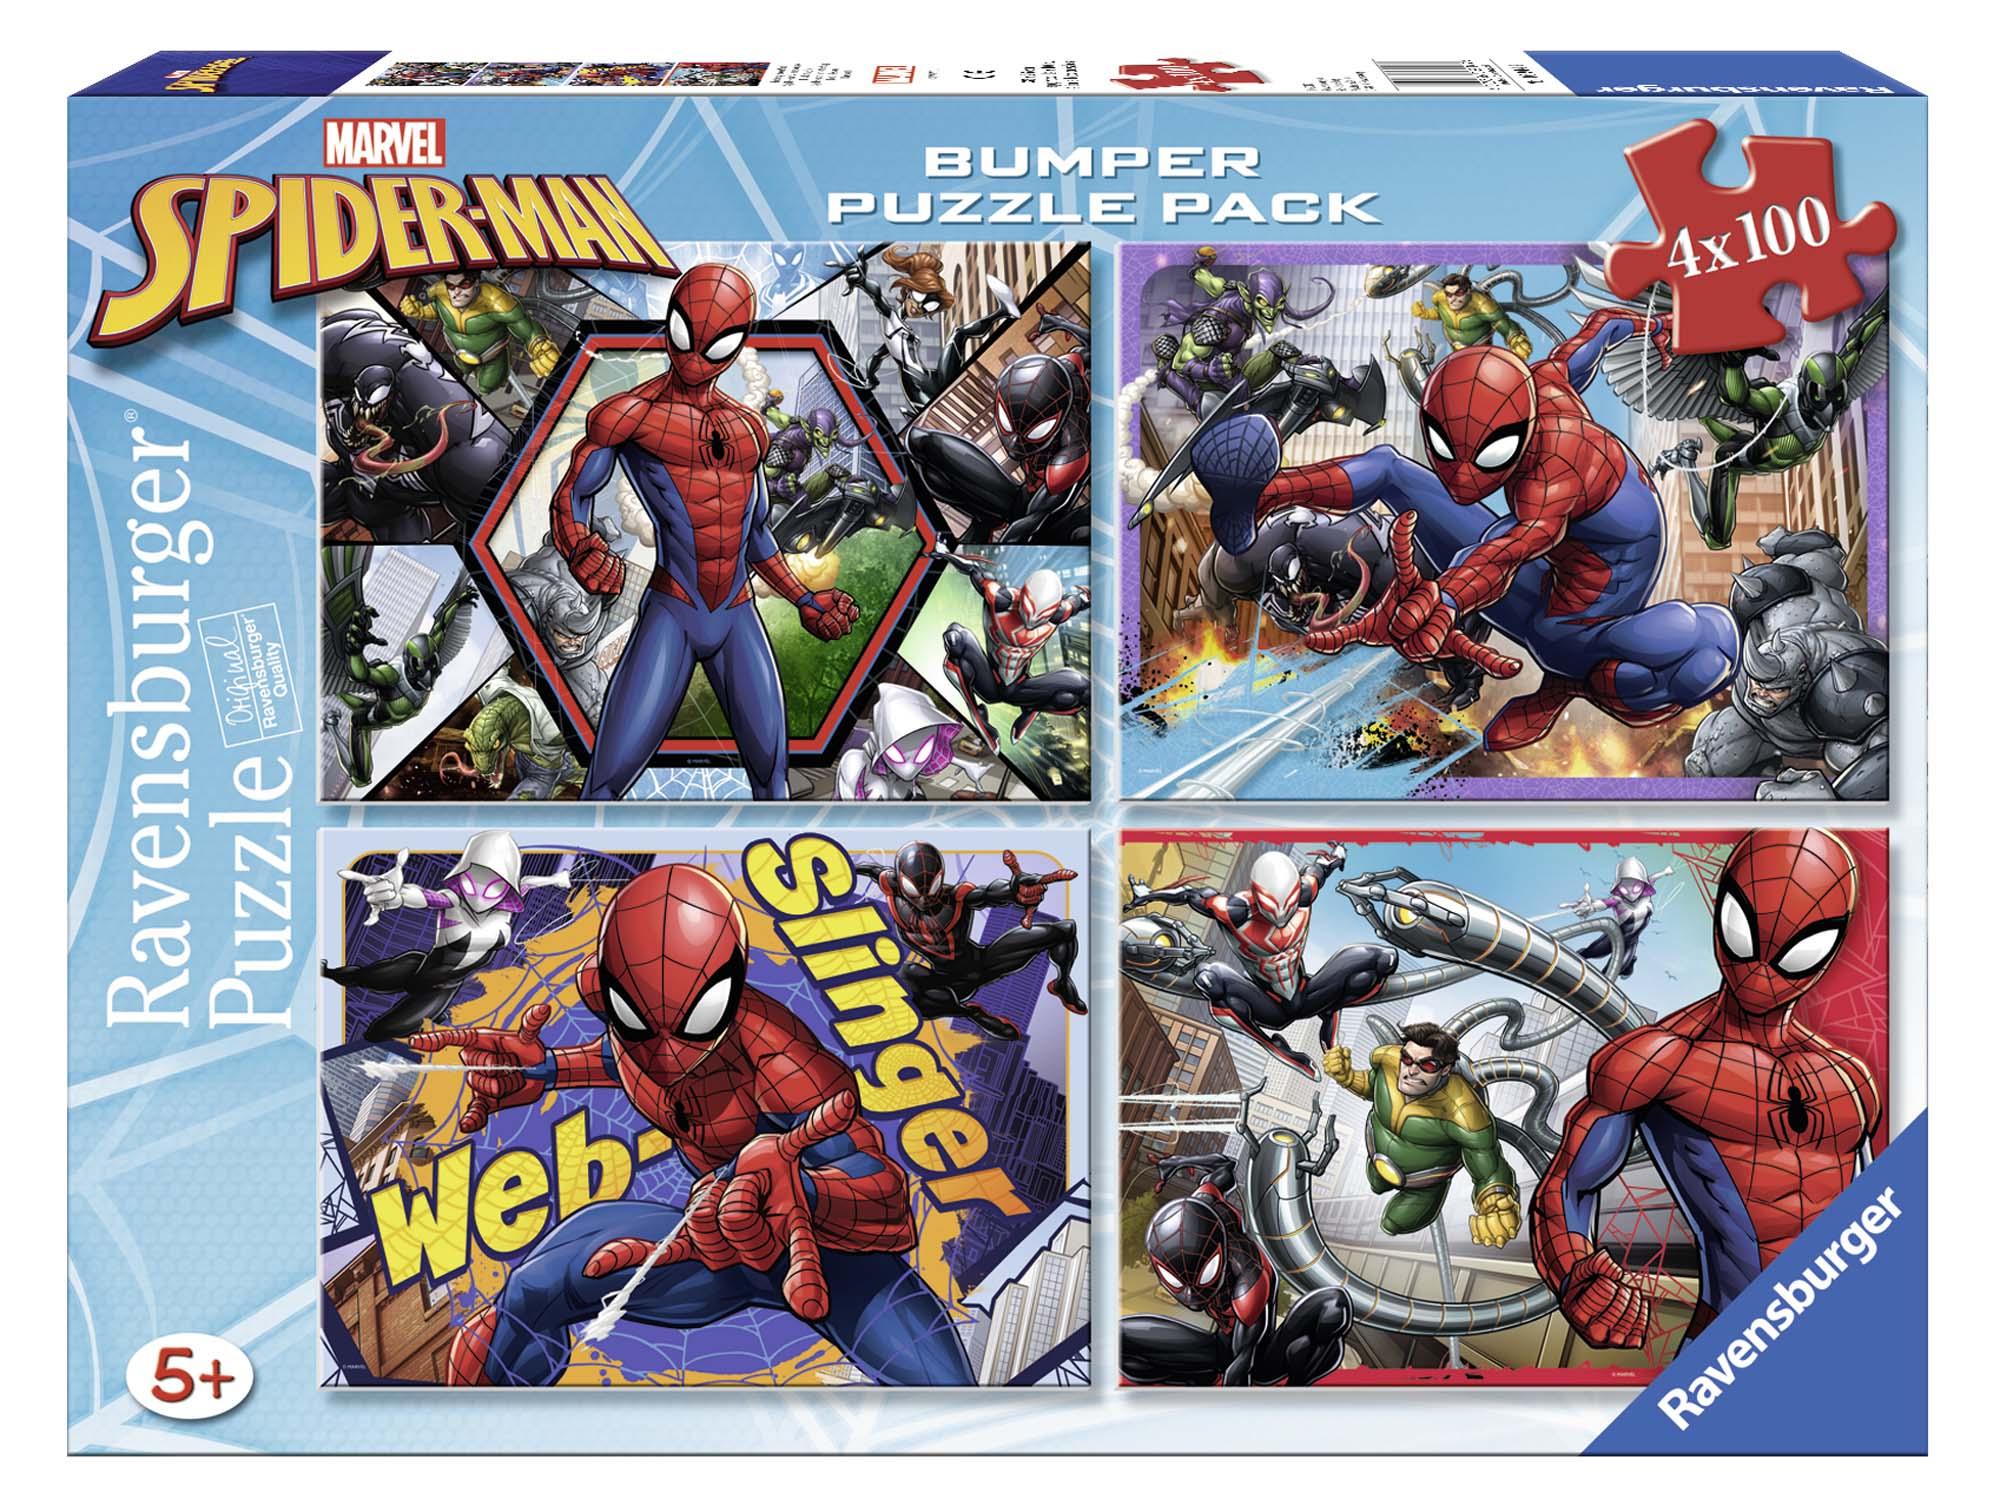 Bumper pack 4x100 - spiderman - altro - toys center - ALTRO